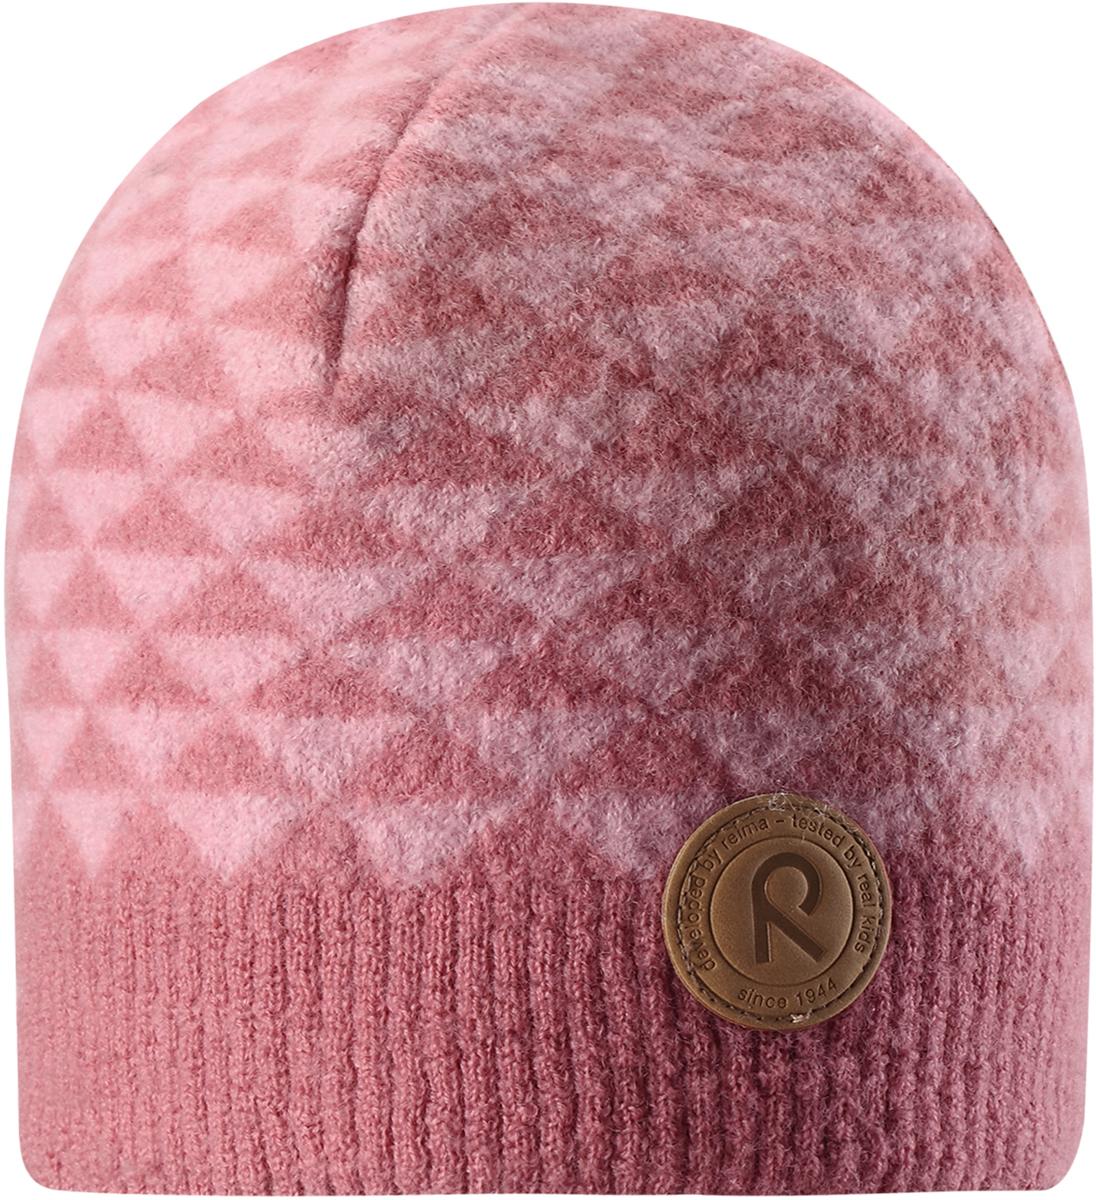 Шапка-бини для девочки Reima Kaamos, цвет: розовый. 5285574320. Размер 545285574320Детская шапка из теплого шерстяного трикотажа Reima станет отличным вариантом на зимние холода. Материал превосходно регулирует температуру и хорошо согревает голову. Трикотажная подкладка в рубчик из смеси хлопка и эластана гарантирует тепло, а ветронепроницаемые вставки защищают уши. Модель имеет декоративную структурную вязку.